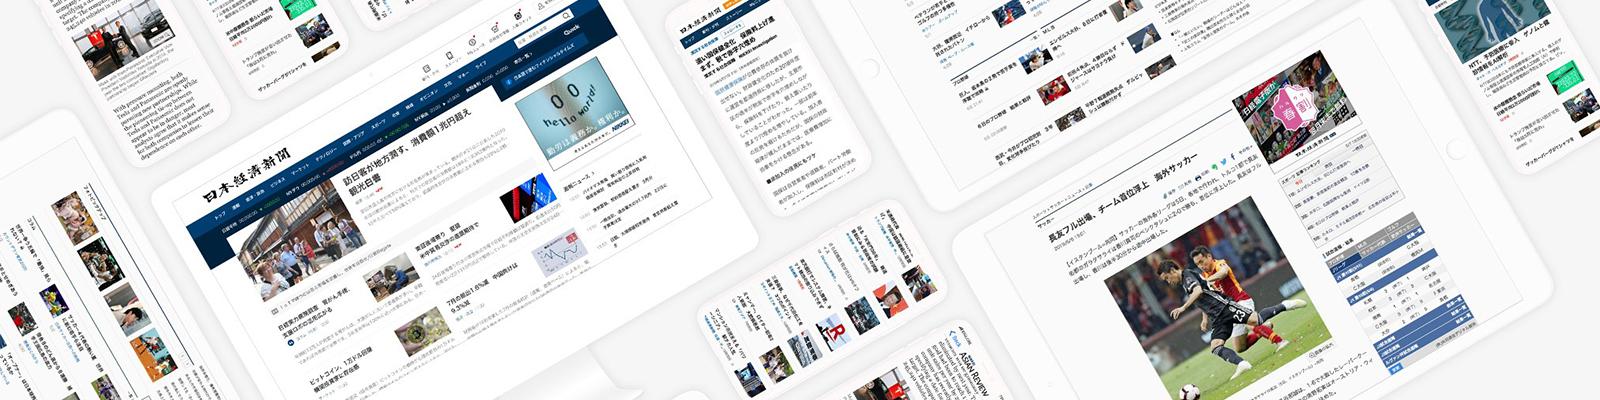 「有料たりうる」コンテンツを、いかに生み出すか? :日経電子版のエンゲージメント戦略 | DIGIDAY[日本版]